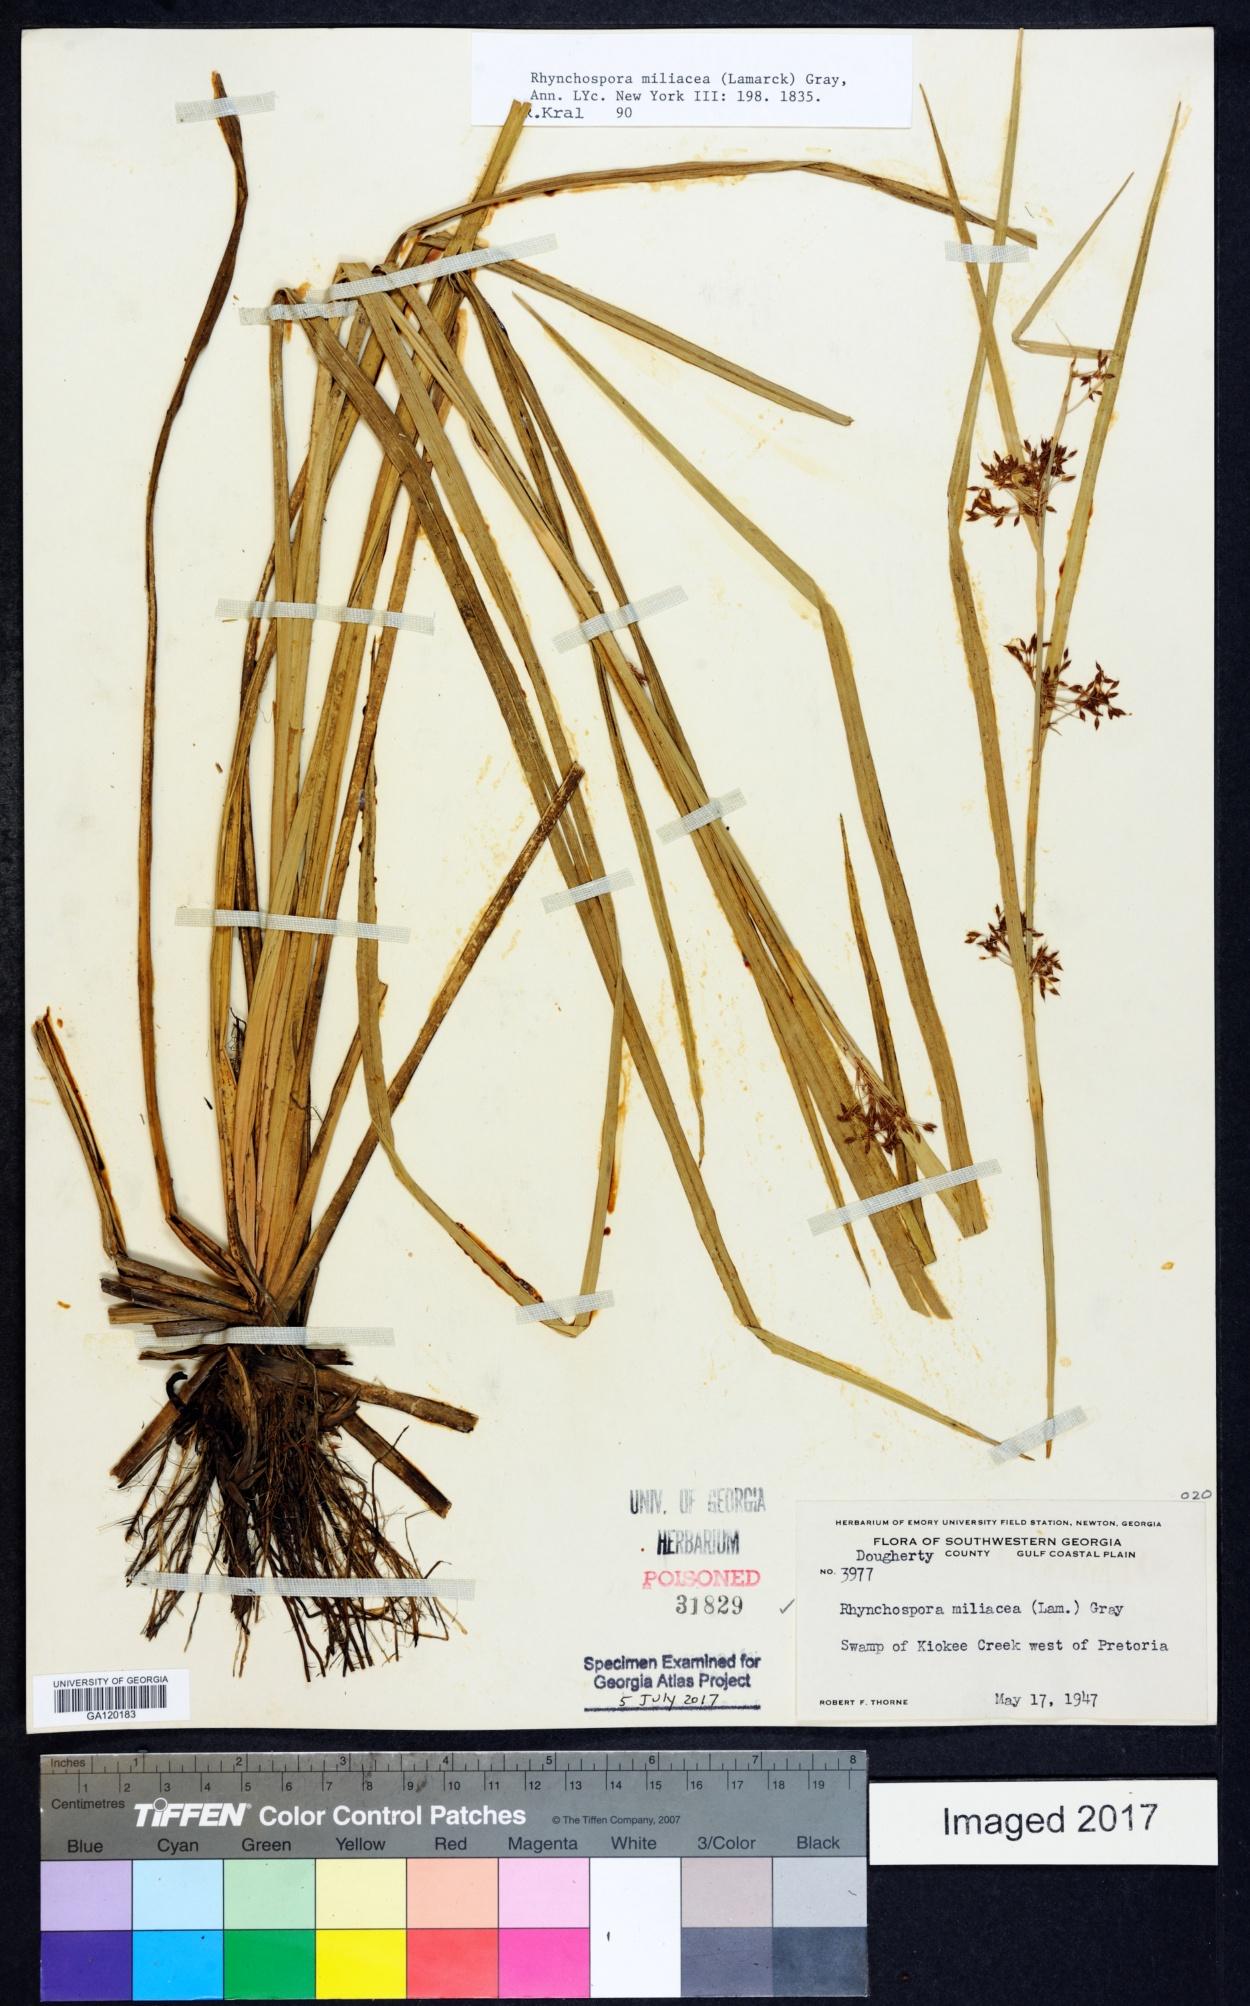 Rhynchospora miliacea image